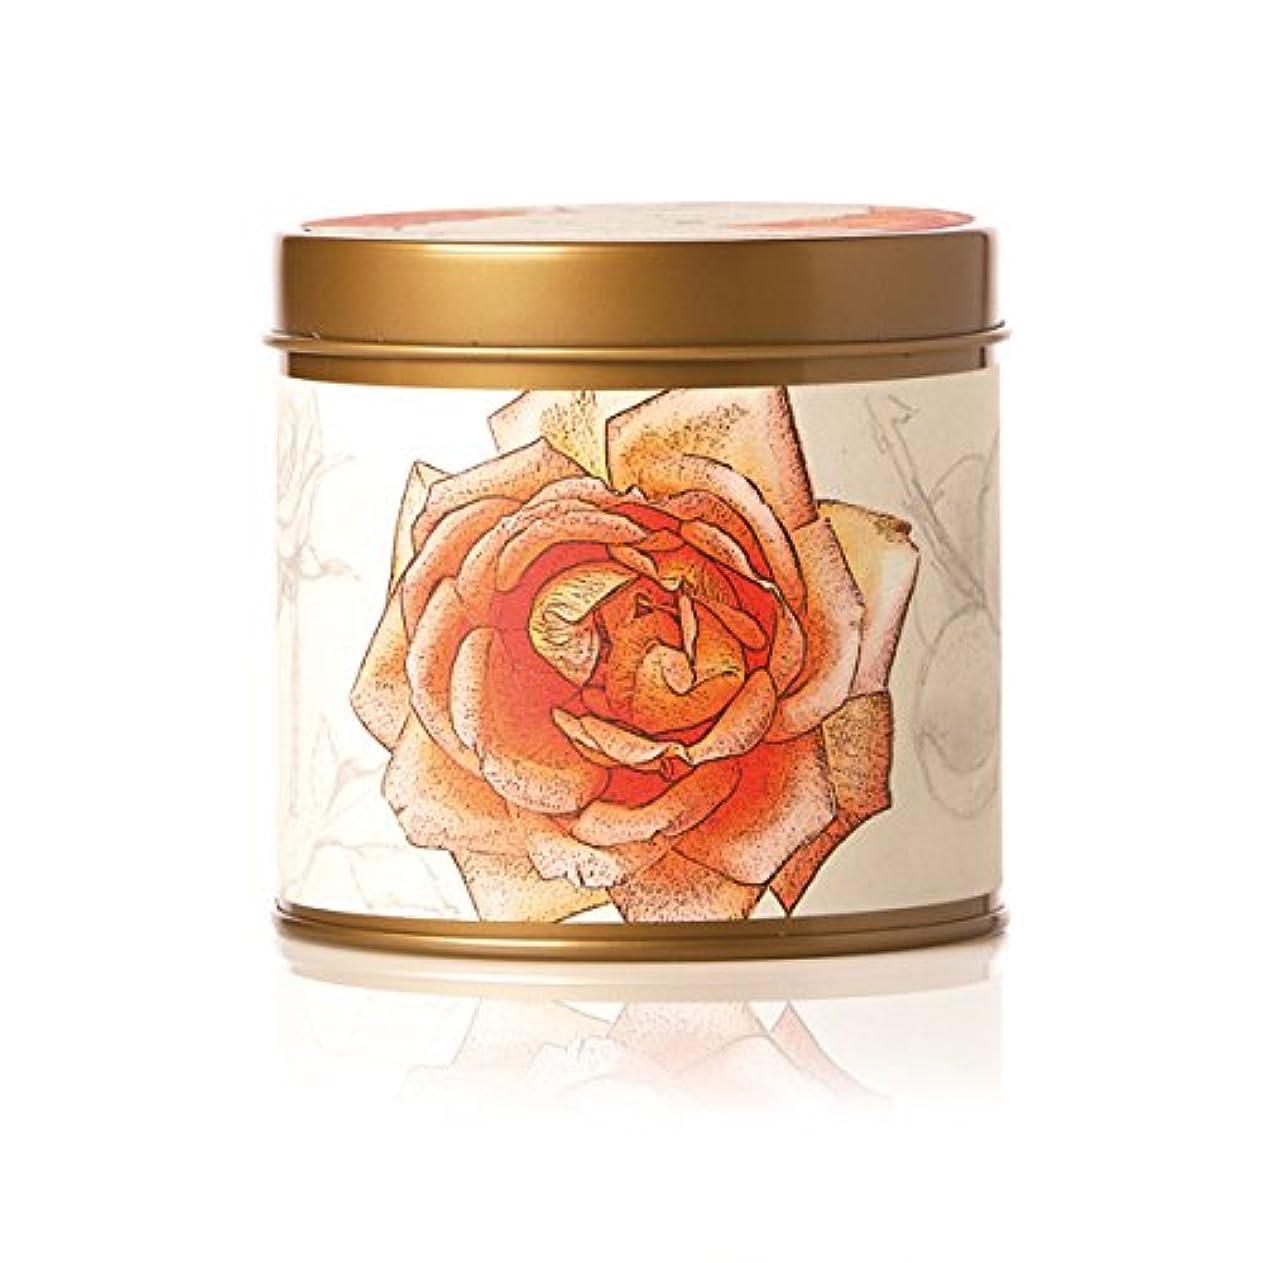 開示する社員販売員ロージーリングス ティンキャンドル アプリコット&ローズ ROSY RINGS Signature Tin Apricot Rose